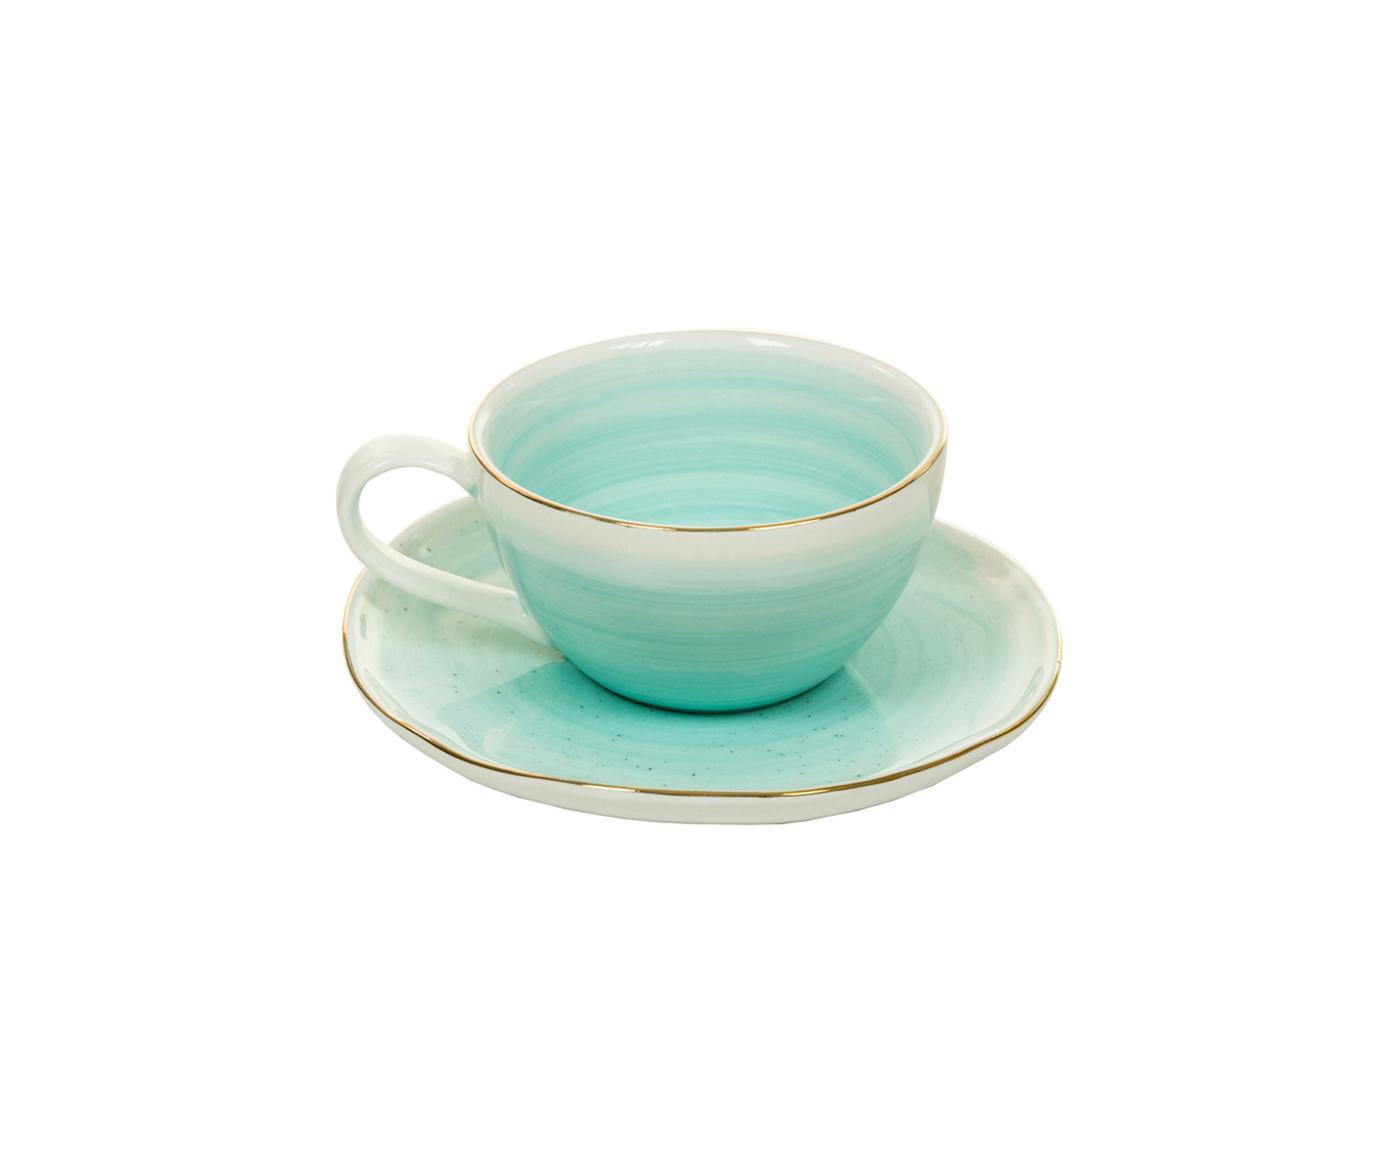 Handgemachte Espressotassen Bol mit Goldrand, 2 Stück, Porzellan, Türkisblau, Ø 9 x H 5 cm